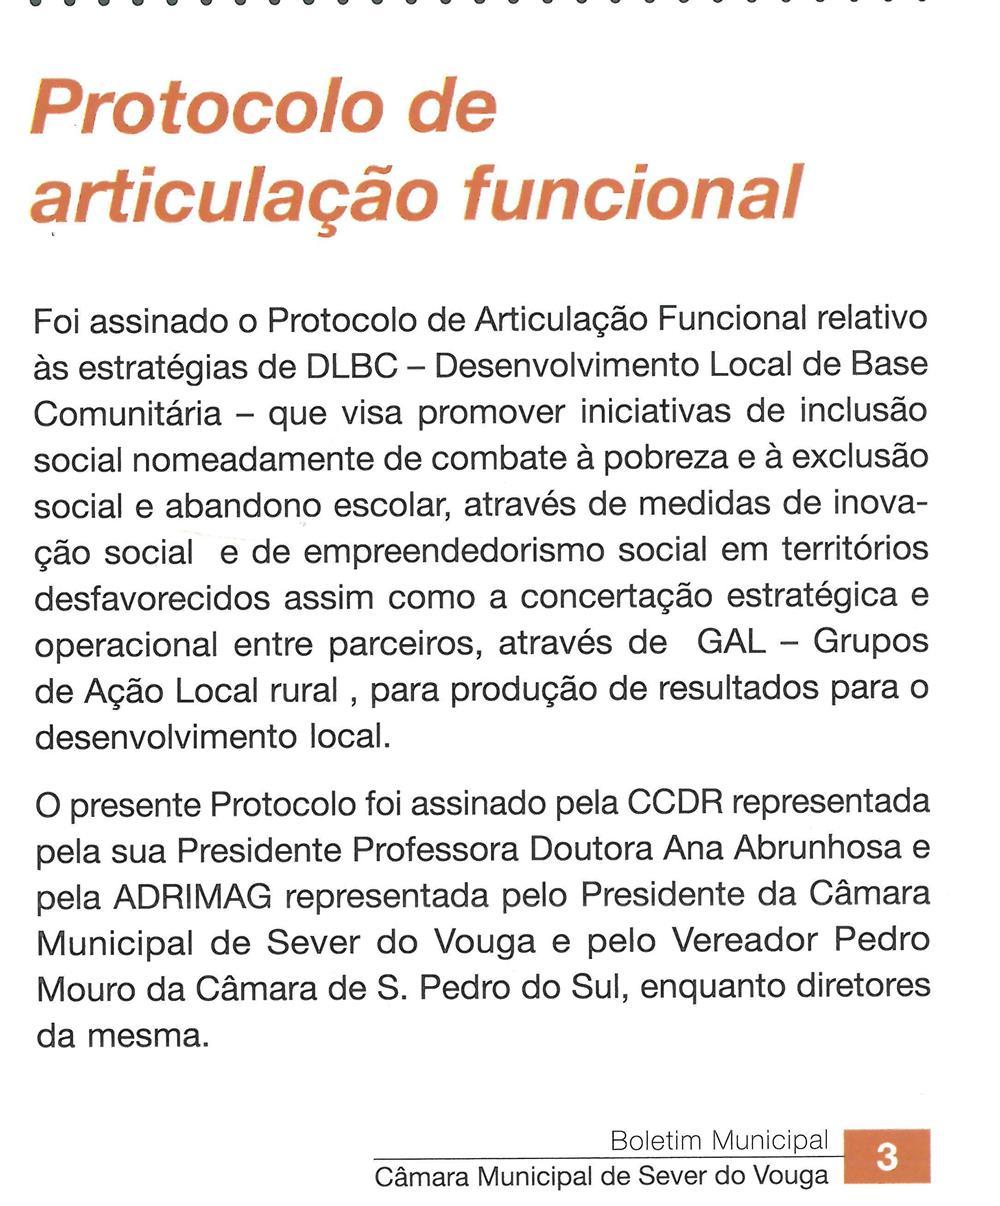 BoletimMunicipal-n.º 33-nov'16-p.3-Protocolo de articulação funcional.jpg